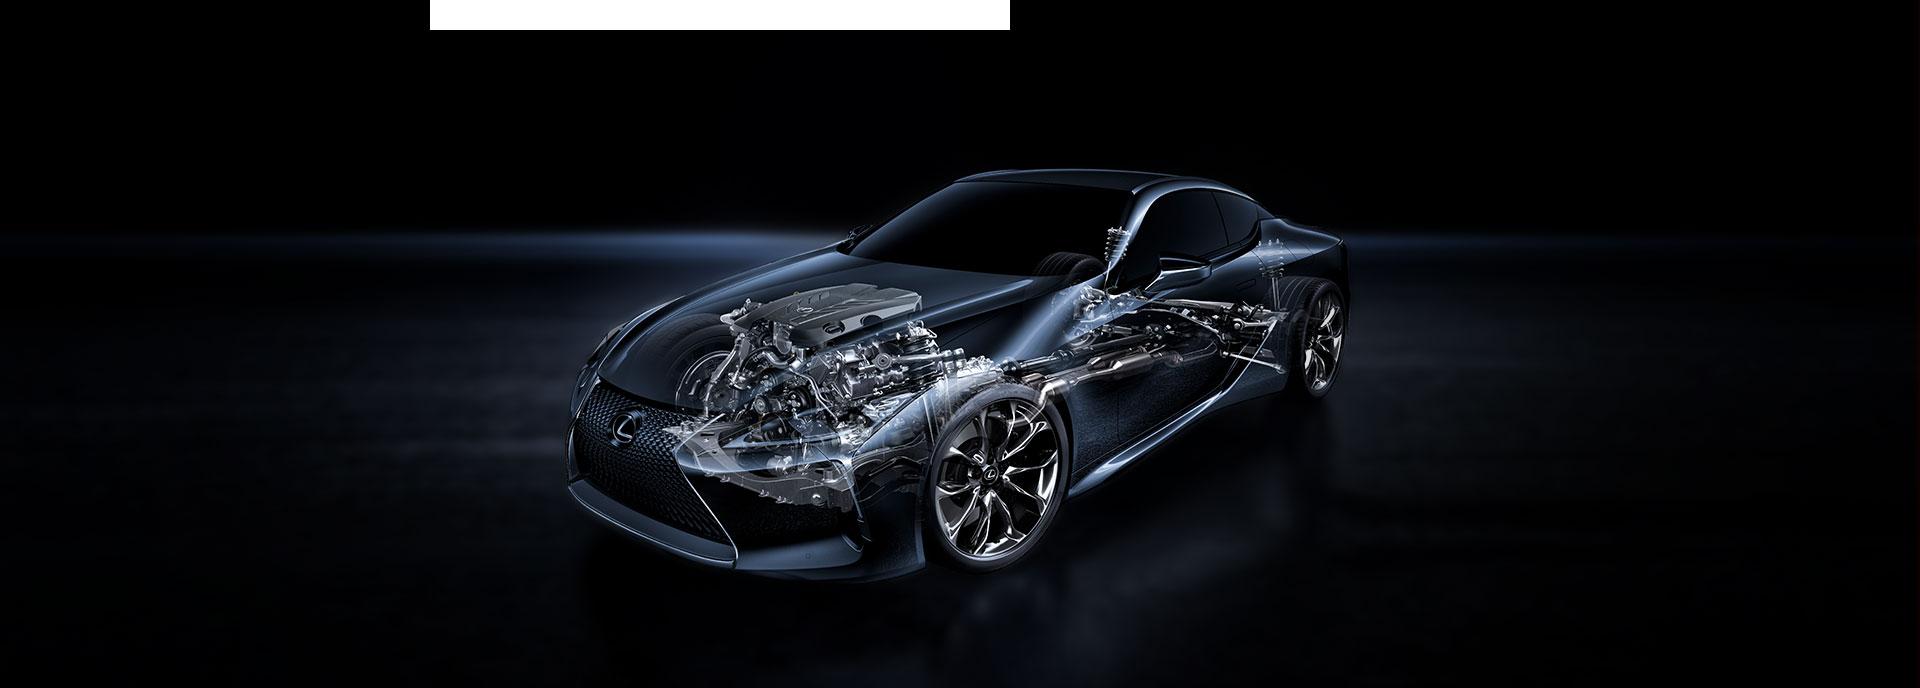 Technische tekening van een Lexus LC 500h